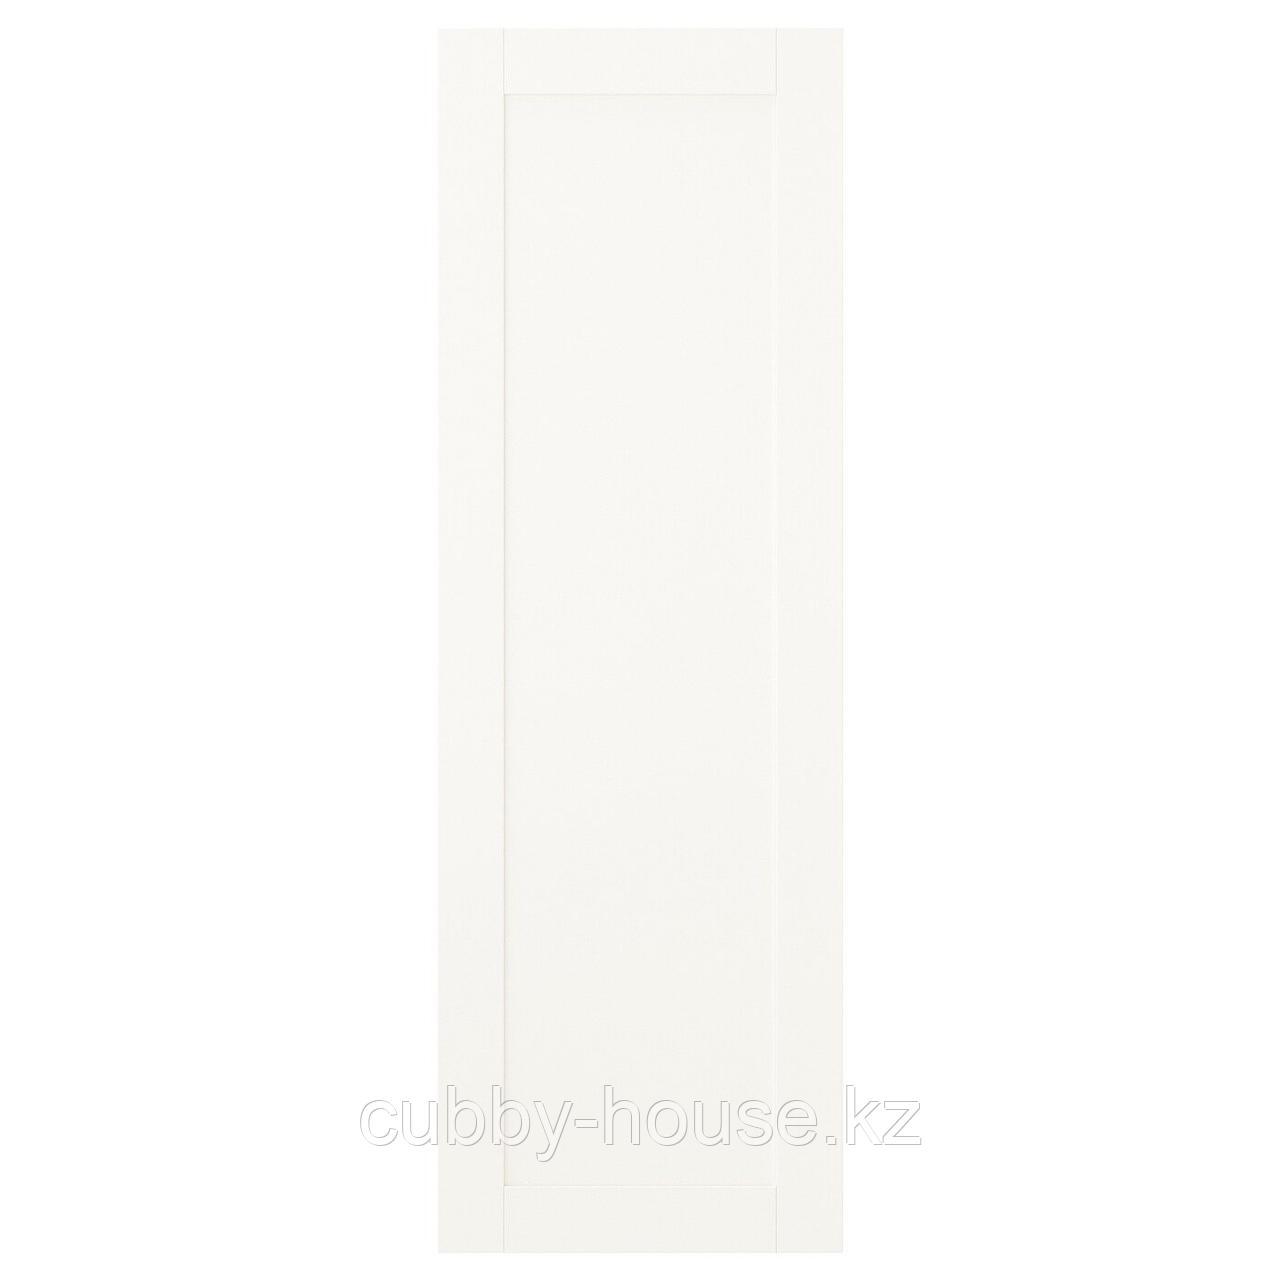 САННИДАЛЬ Дверца с петлями, белый, 40x60 см